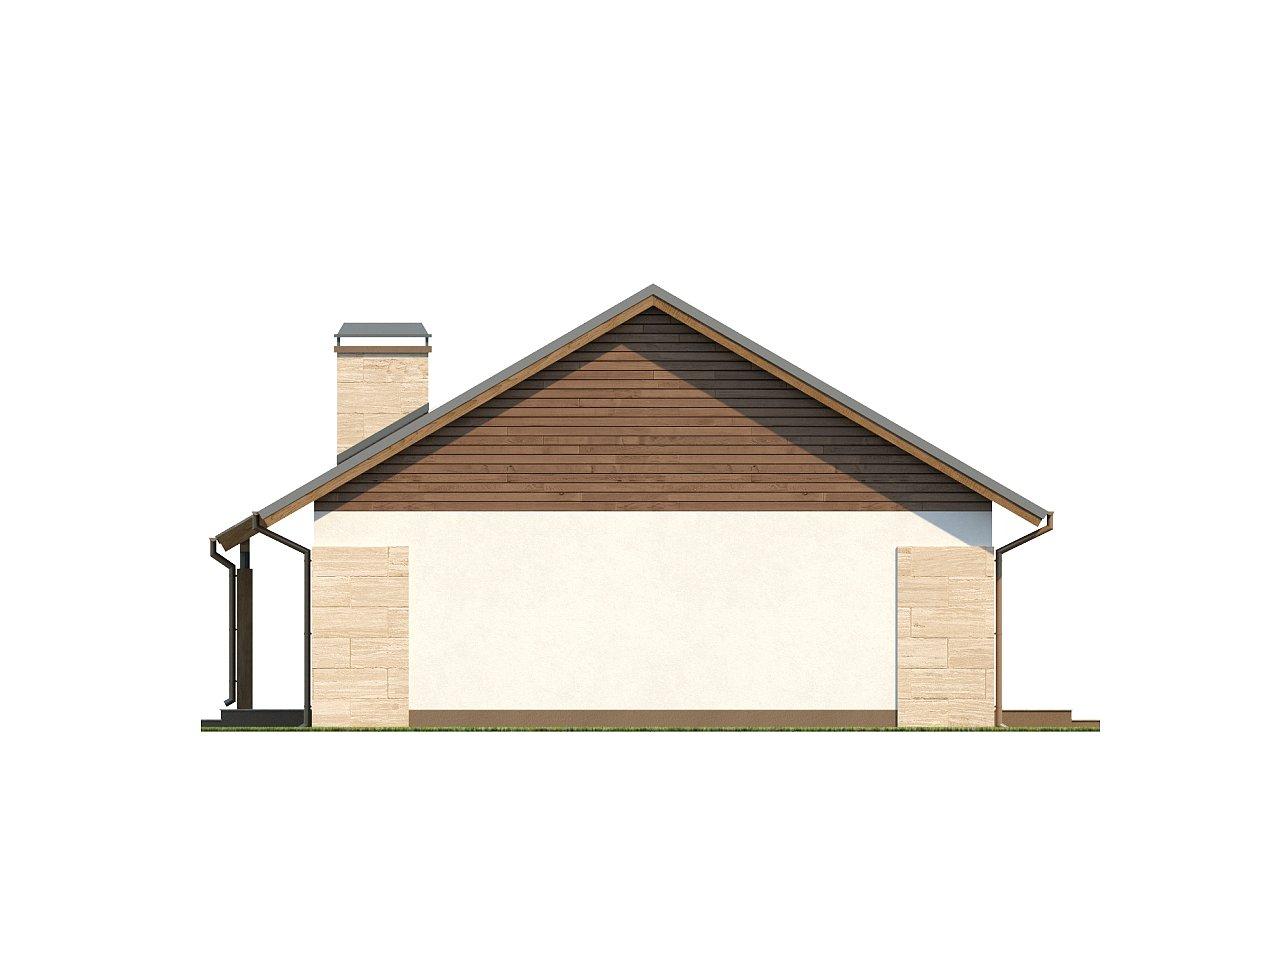 Проект выгодного одноэтажного дома с возможностью адаптации чердачного помещения. 19